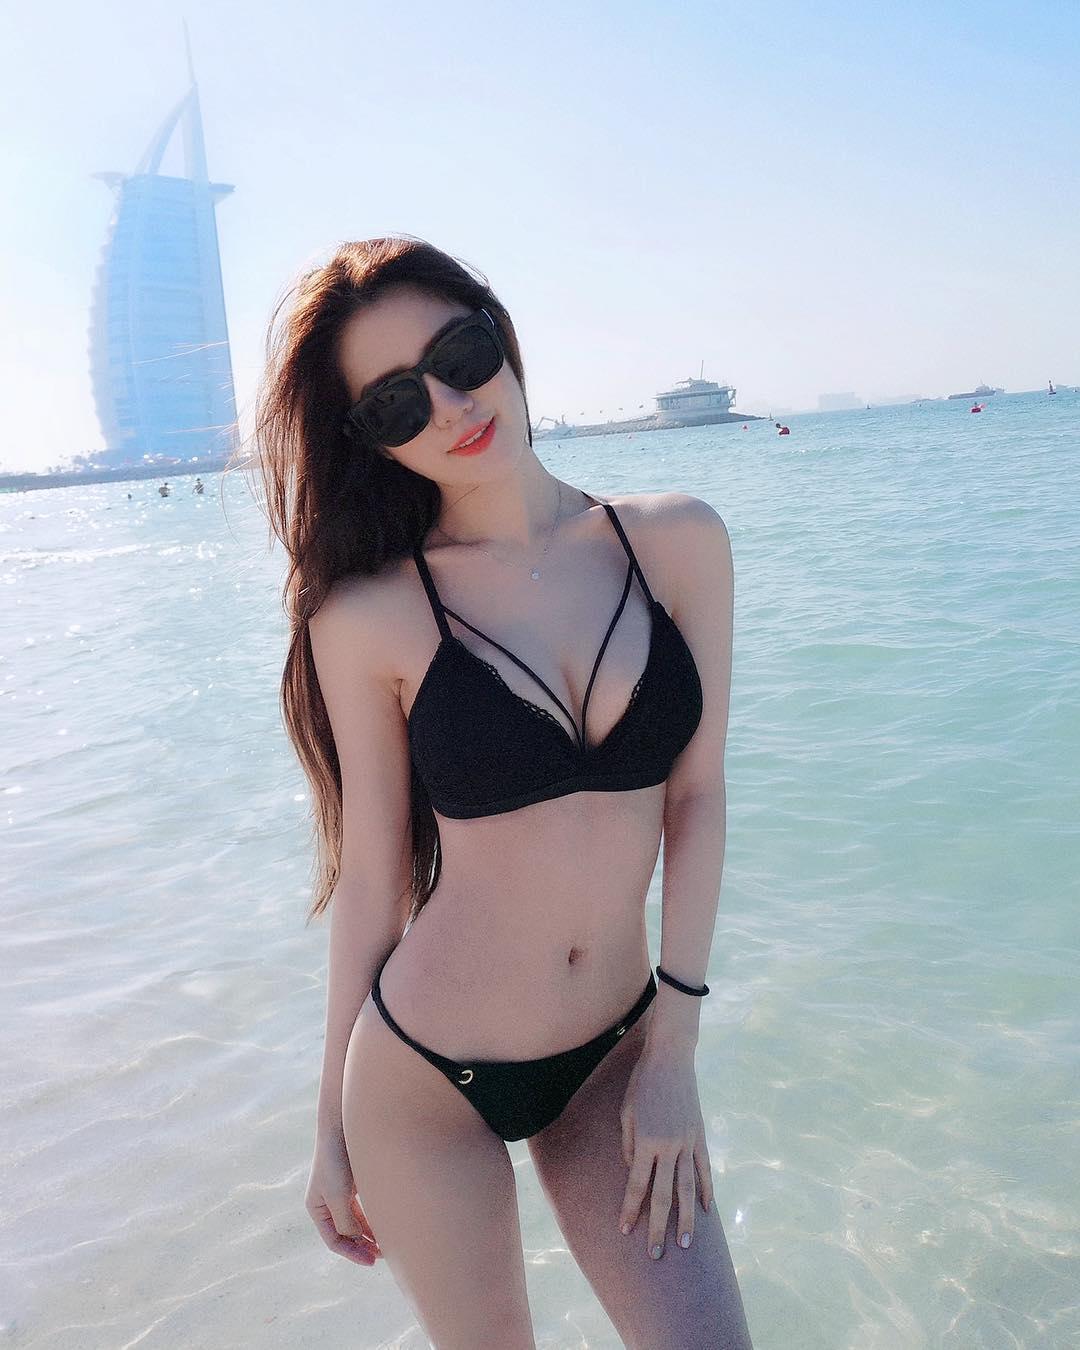 Tuyển tập ảnh nóng bỏng hot girl Quah Sue Theng